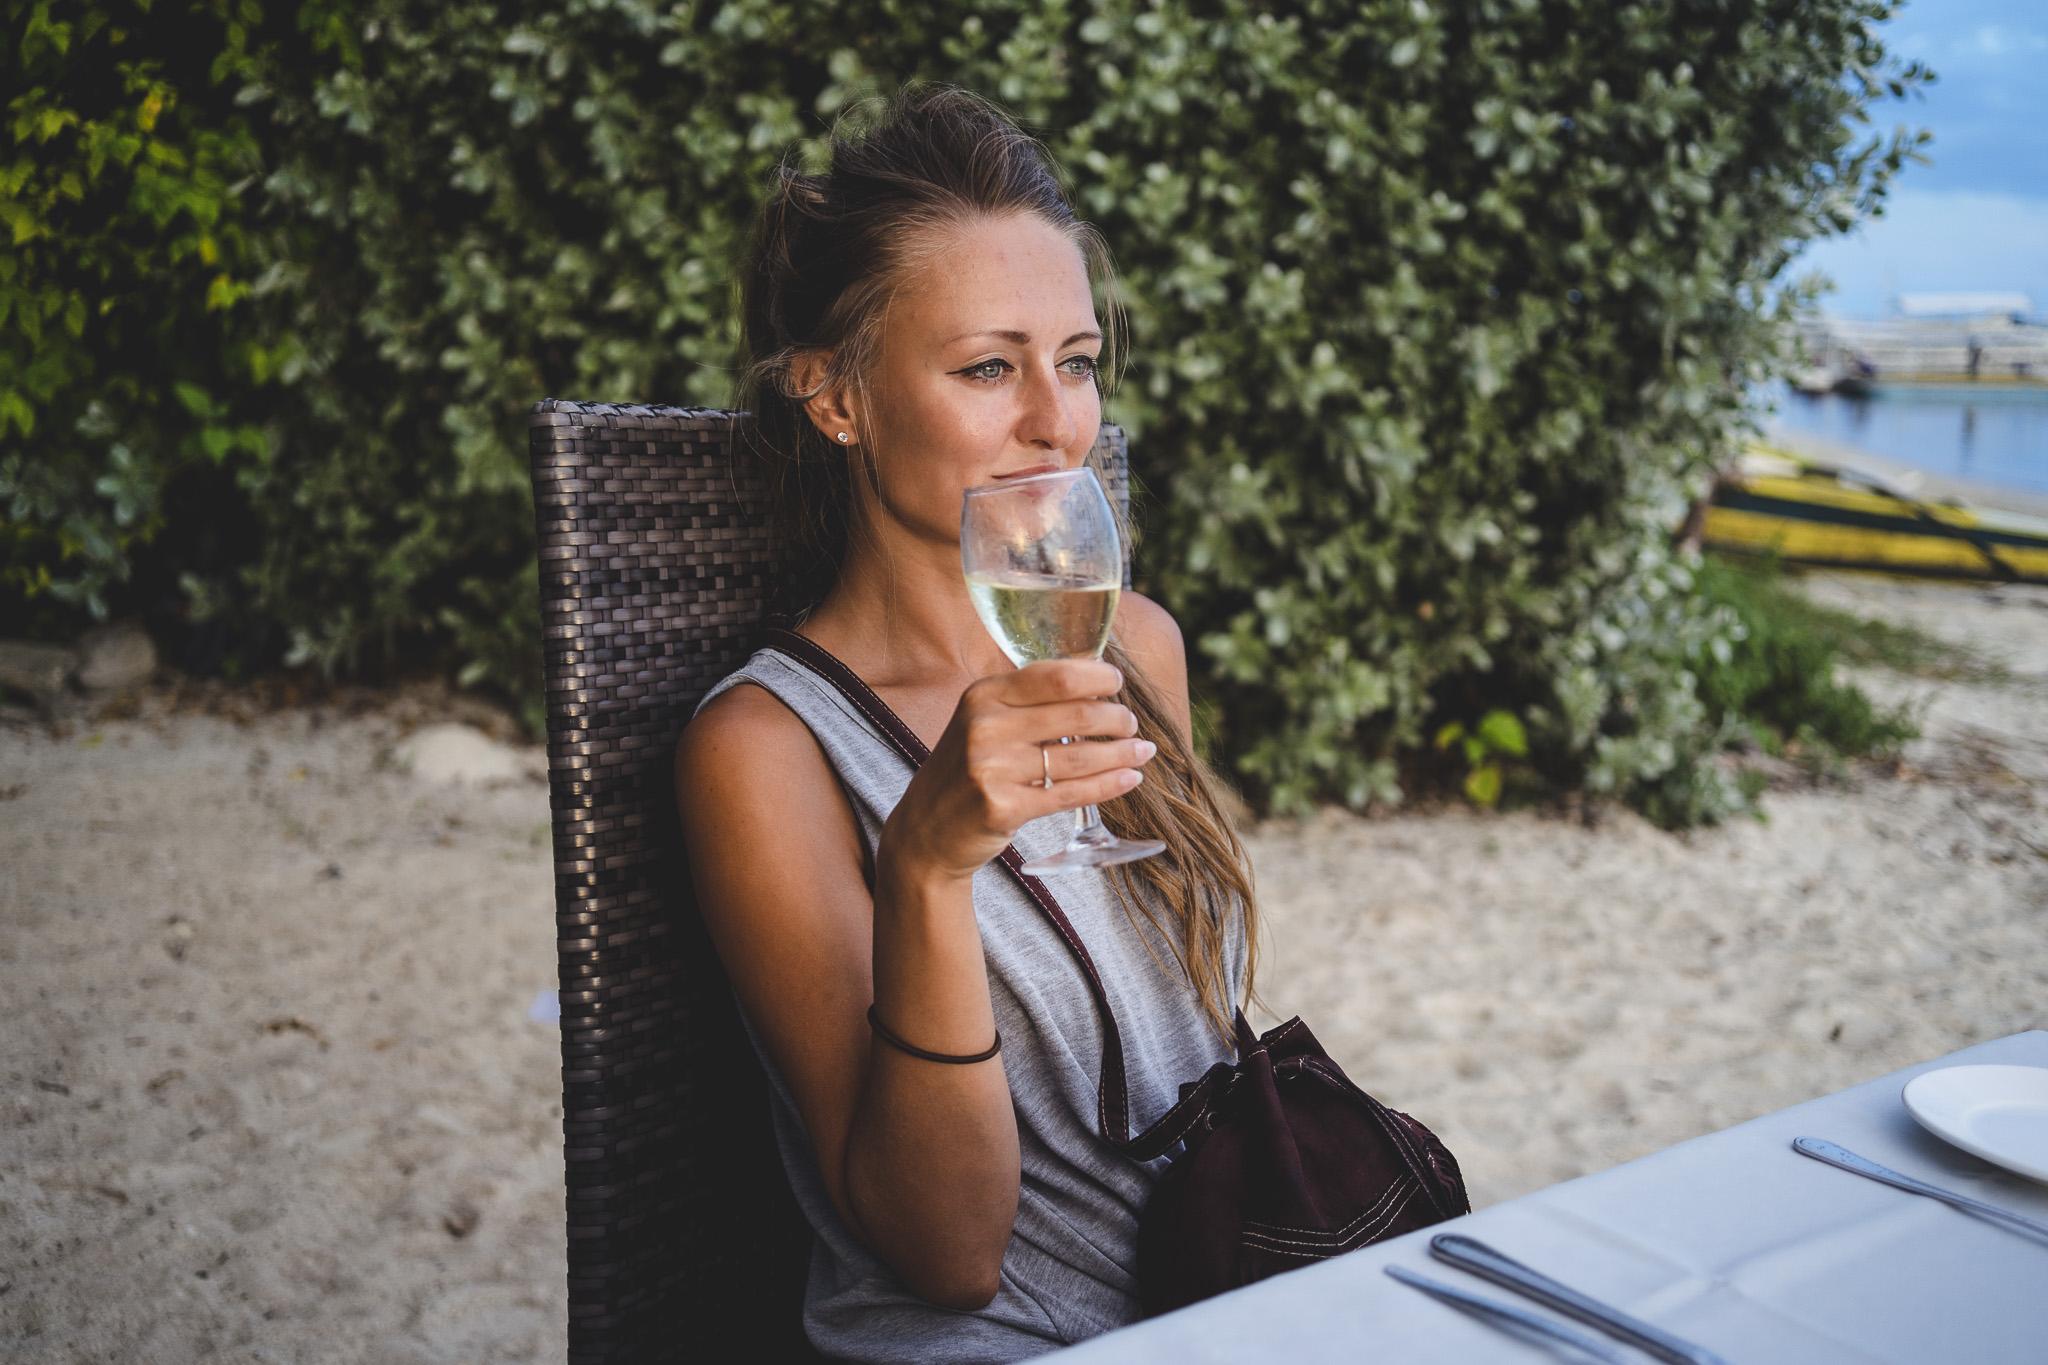 Dla porządnego zachodu można się raz skusić na kolację na plaży